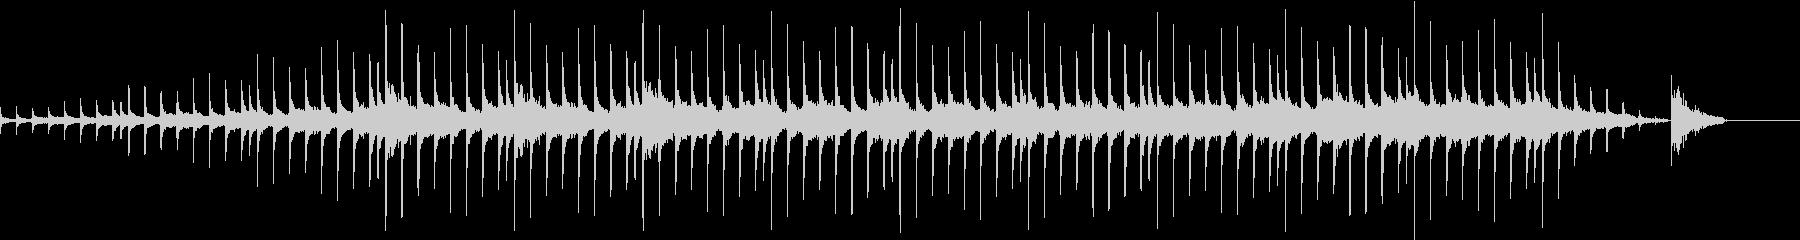 ピアノコードループ、不協和音の未再生の波形